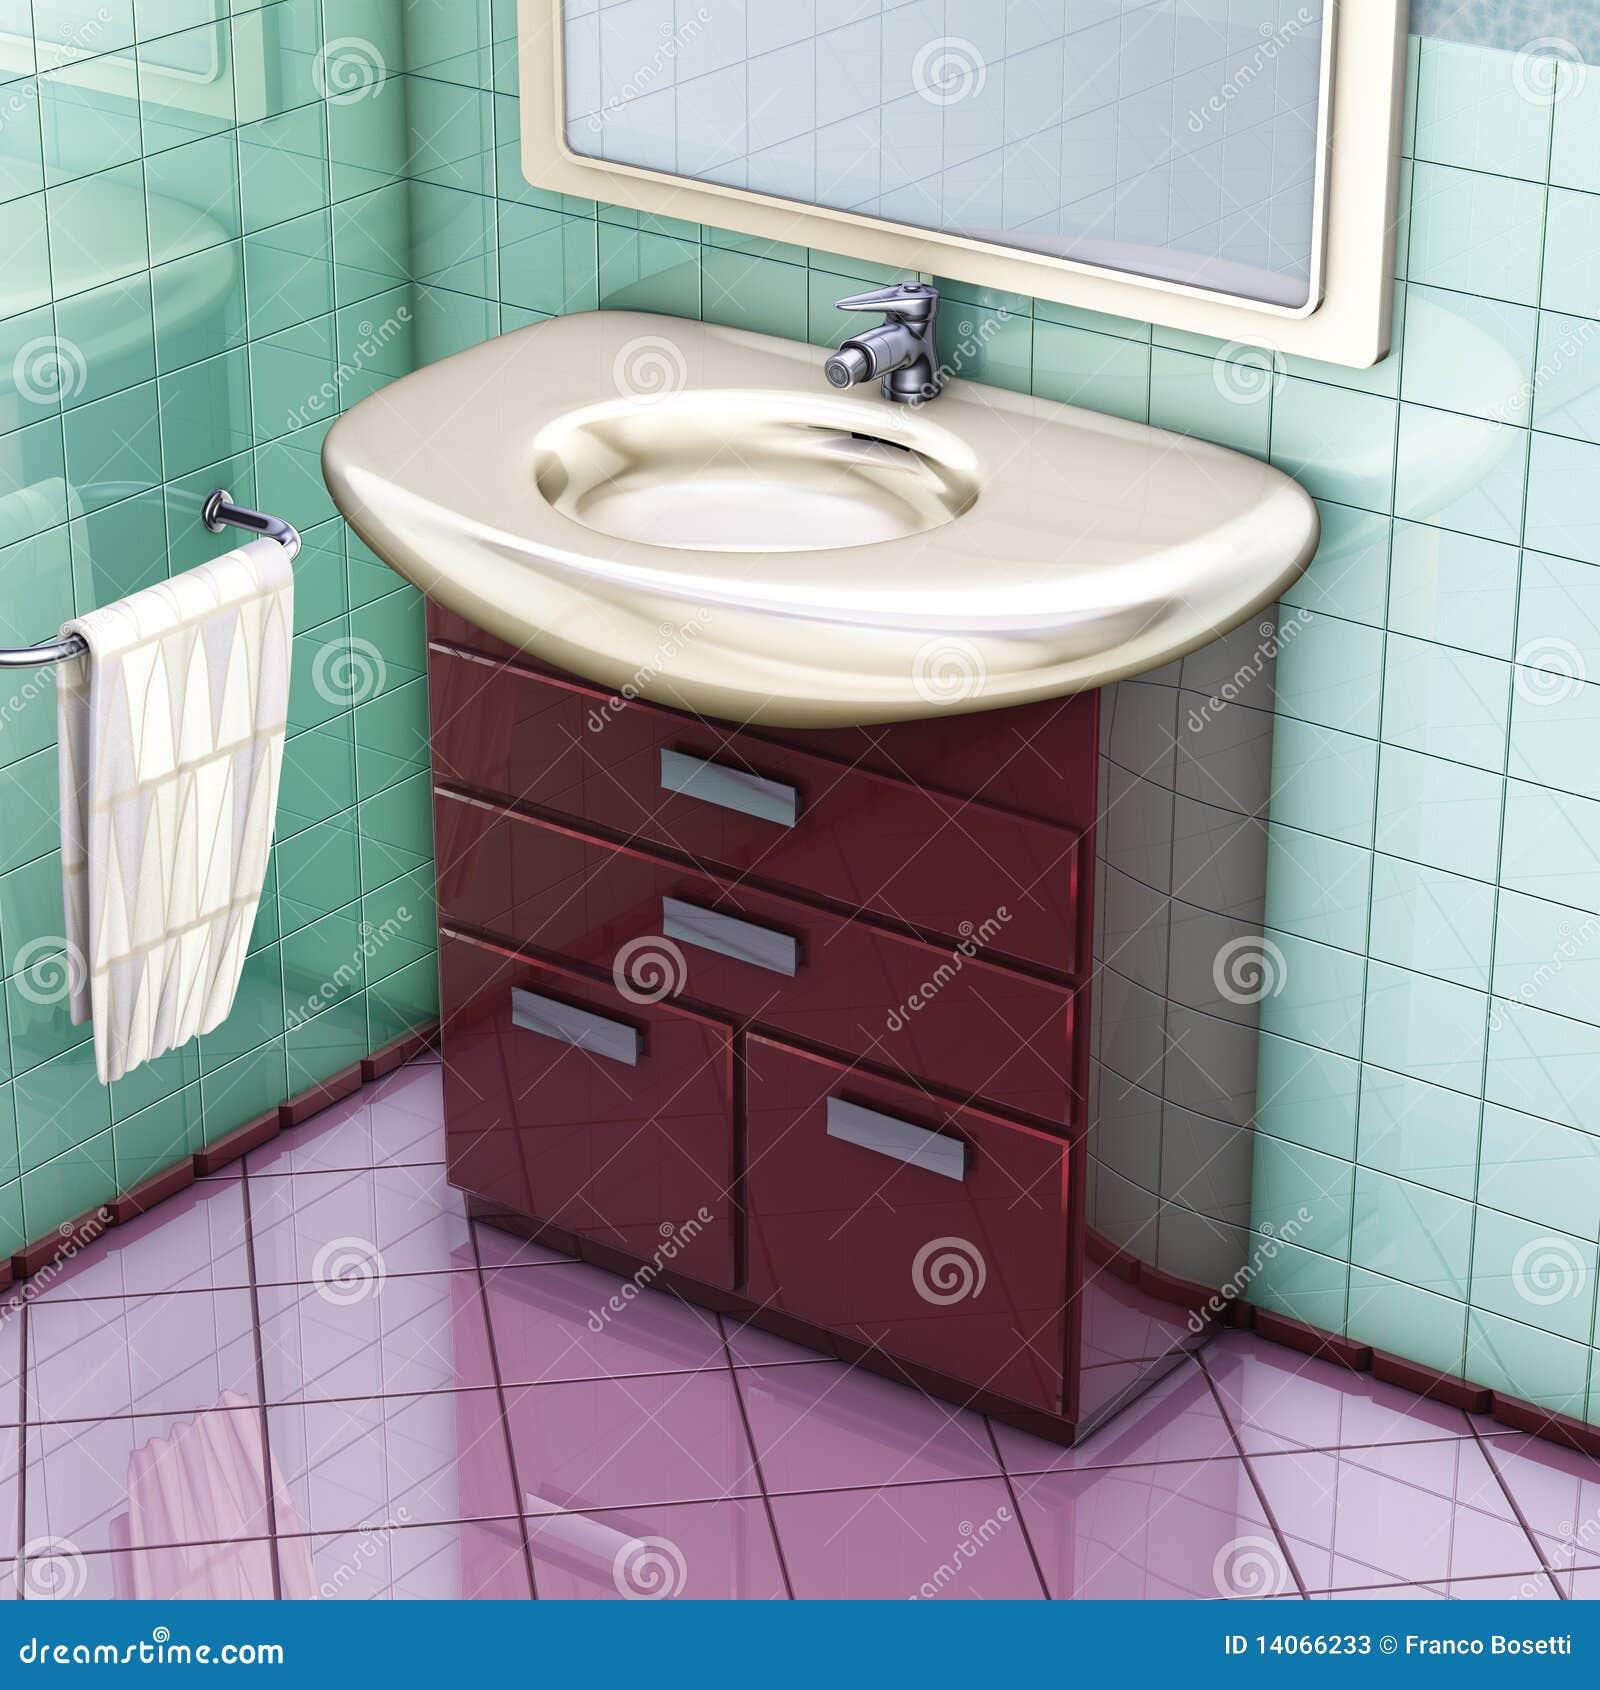 Module de salle de bains photos stock image 14066233 for Module salle de bain